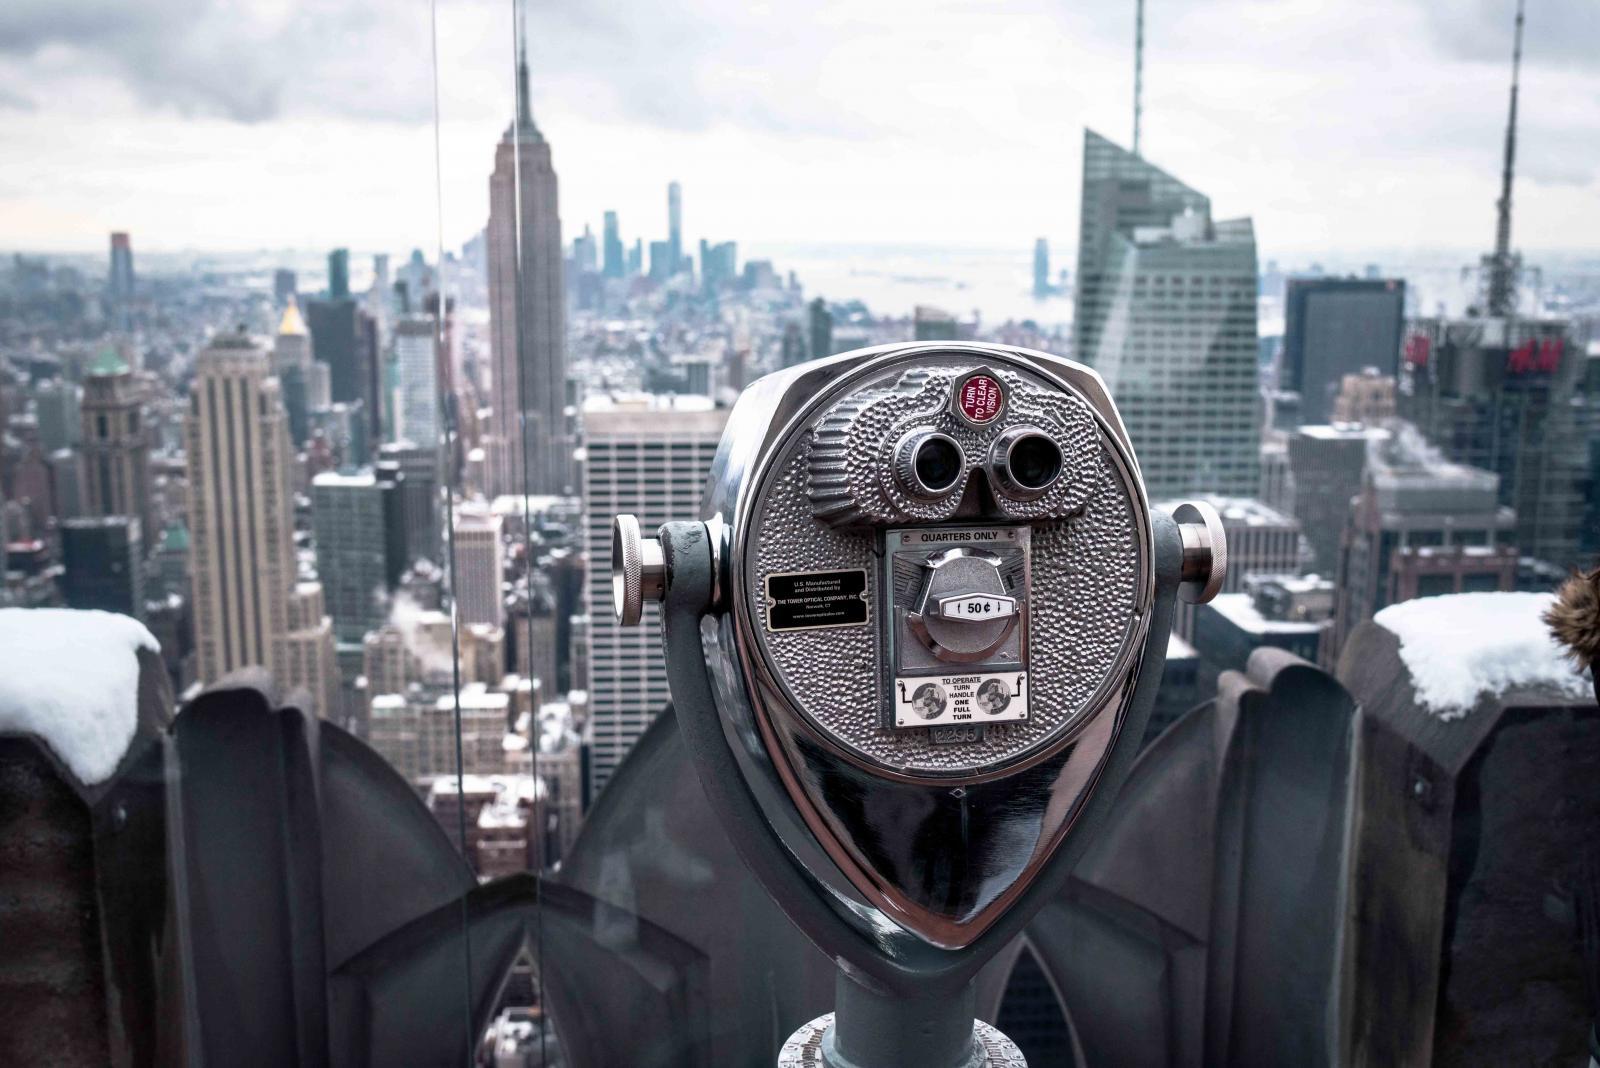 Eu já citei o Top of the Rock nessa lista dos melhores pontos turísticos de  Nova York. O Top of the Rock é o mirante no topo do Rockefeller Center. dd4aaf5447e